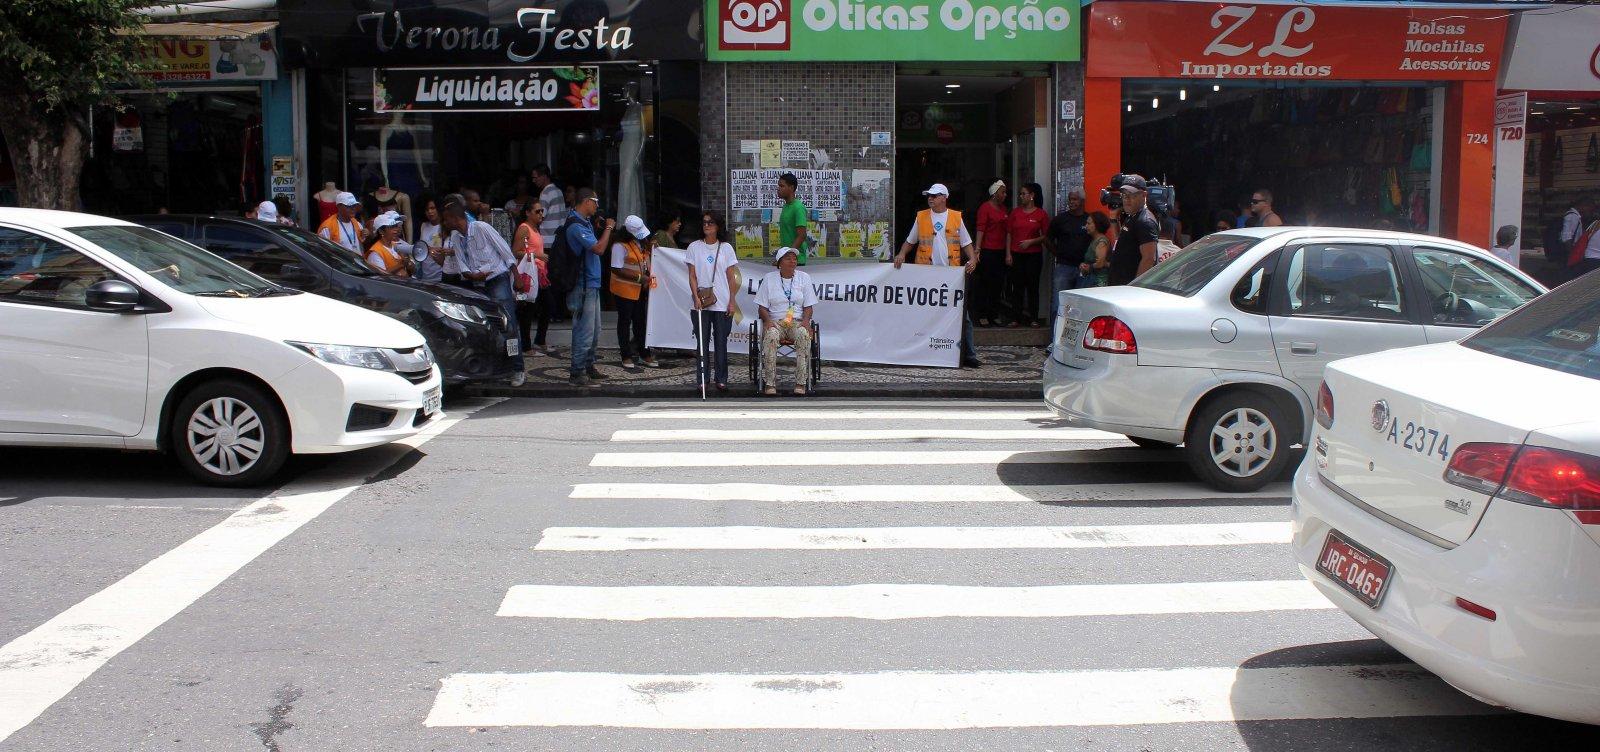 [Mortes por acidentes de trânsito em Salvador têm queda de 54% em sete anos]